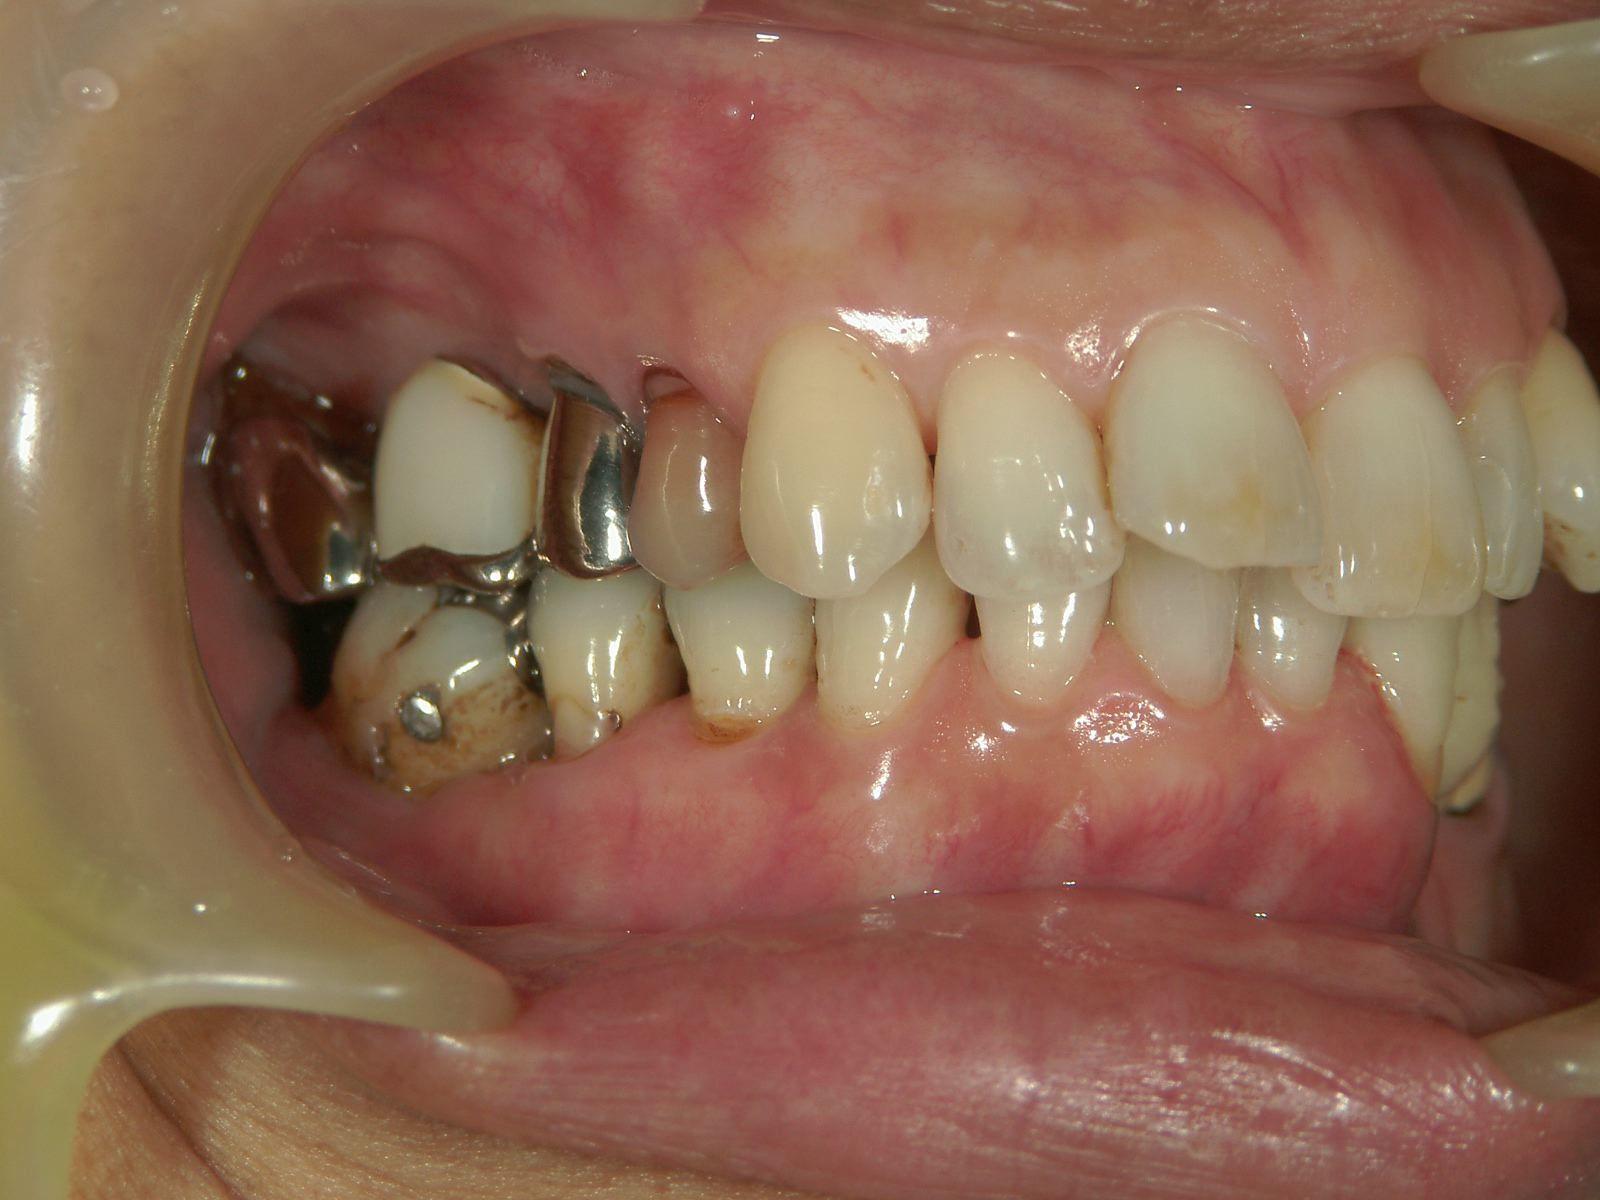 22年間変わらない!年を取ったら歯が悪くなる訳ではない、という事。予防歯科再考・2_b0119466_01504537.jpg